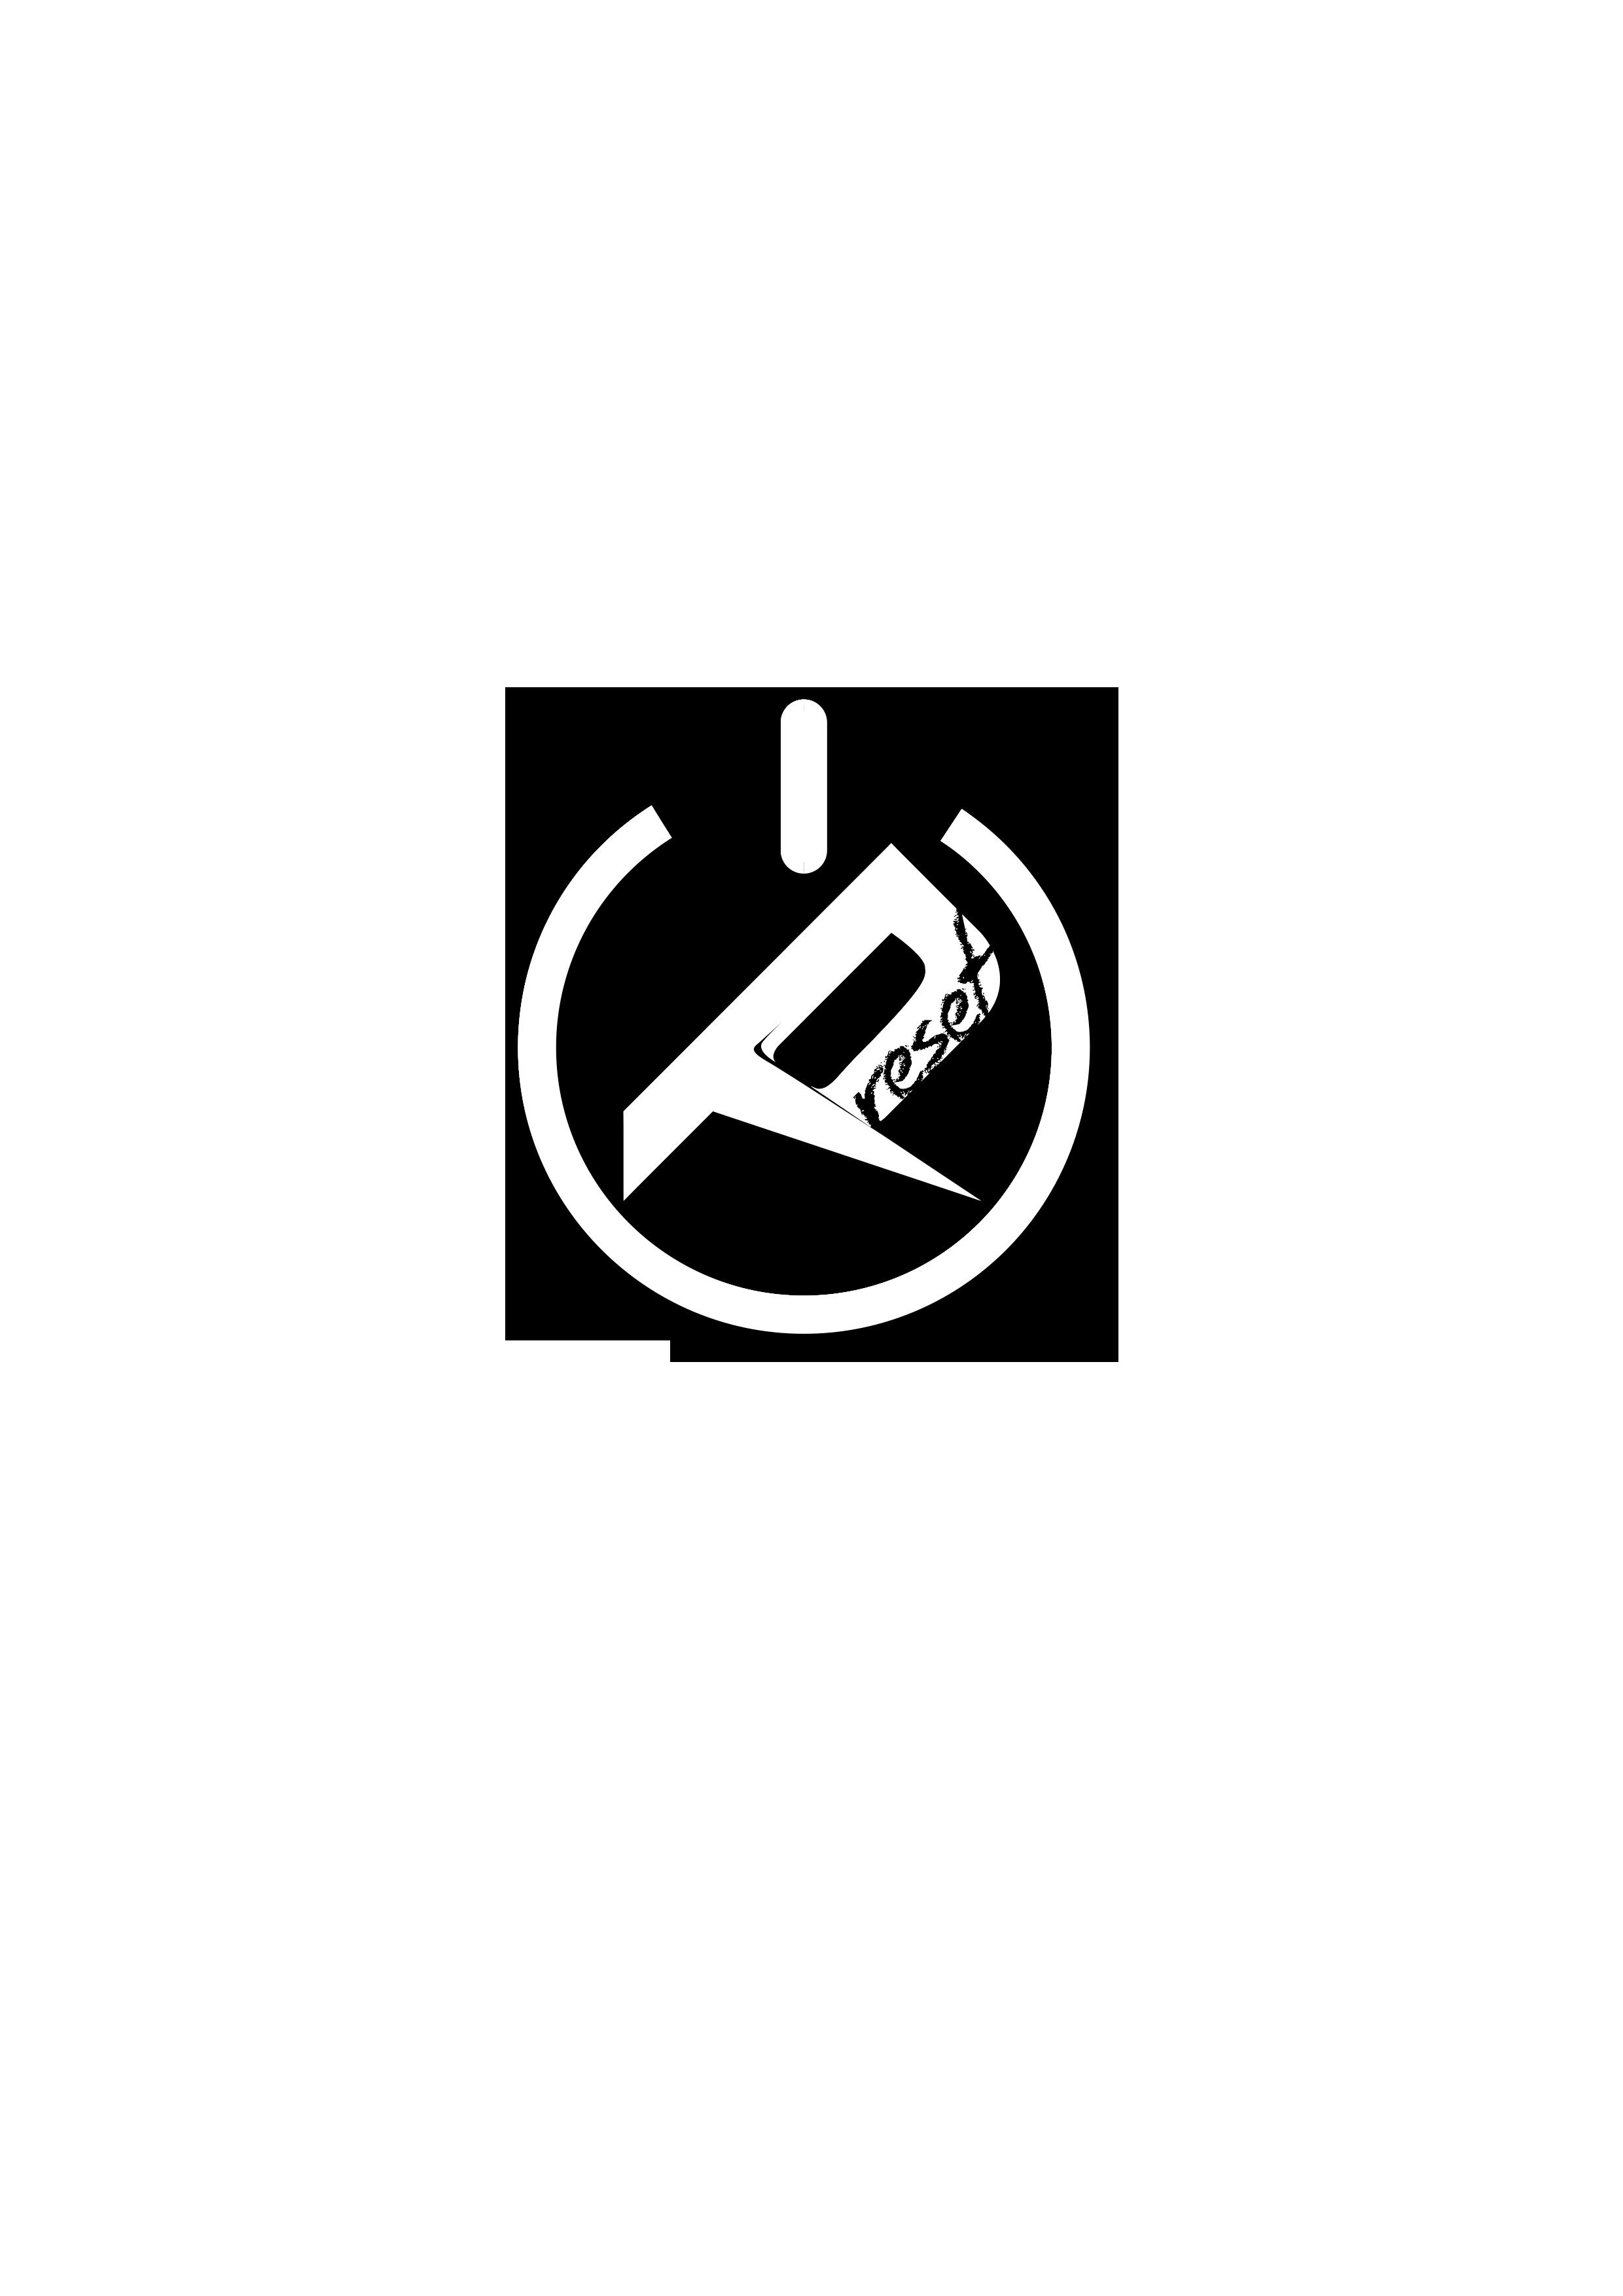 logo-pc-reset-ombra